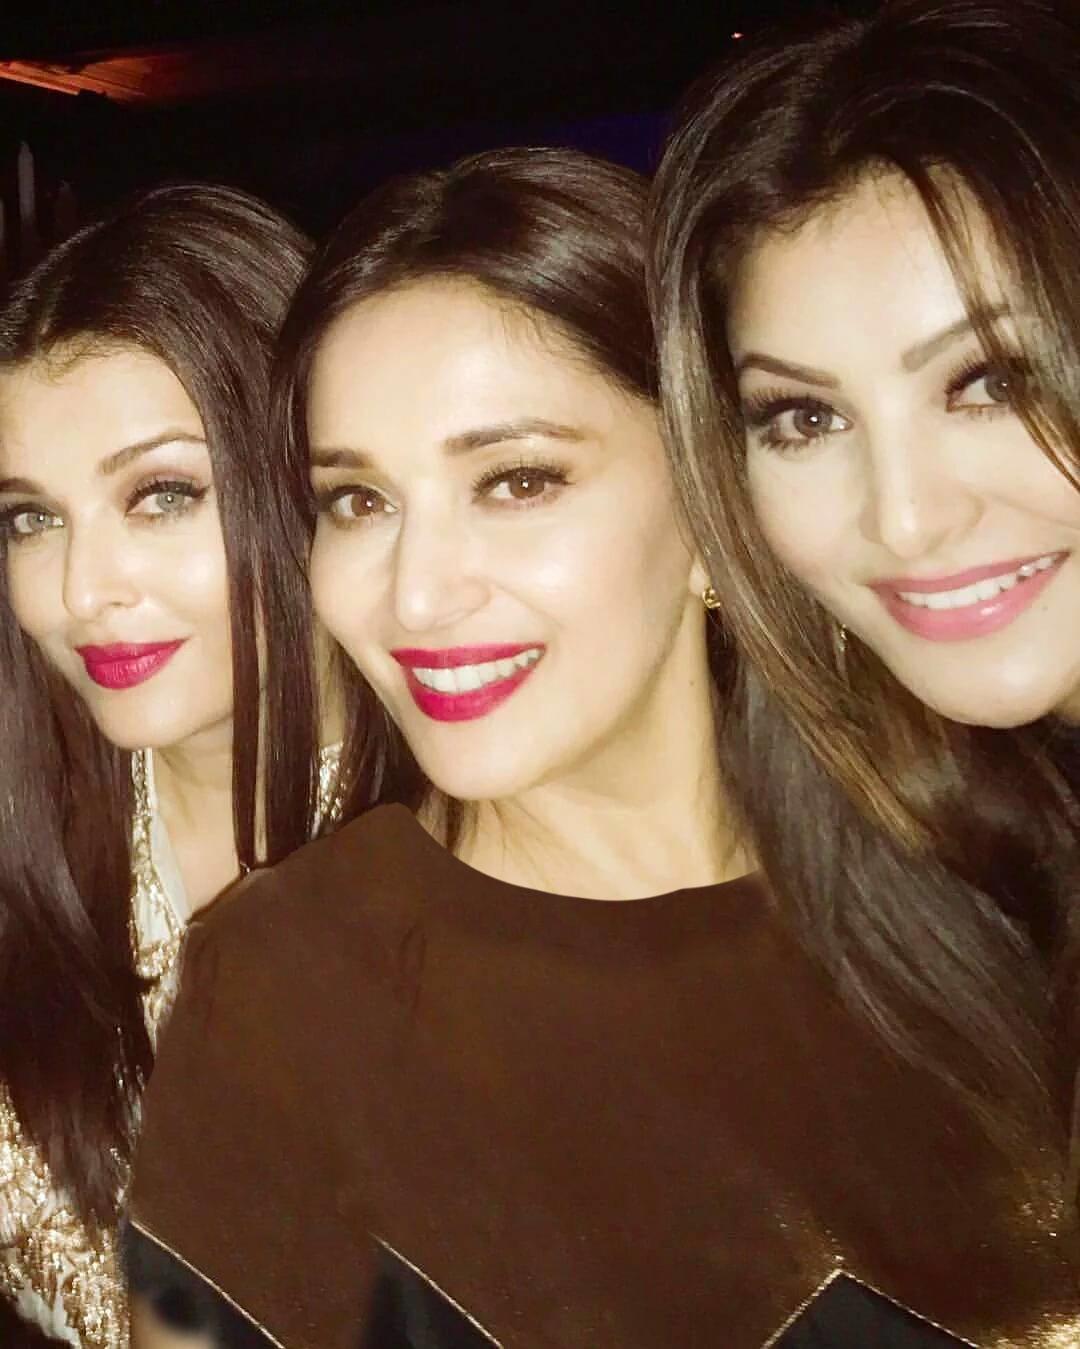 آیشواریا رای و بازیگران مشهور خانم در یک جشن تولد +عکس